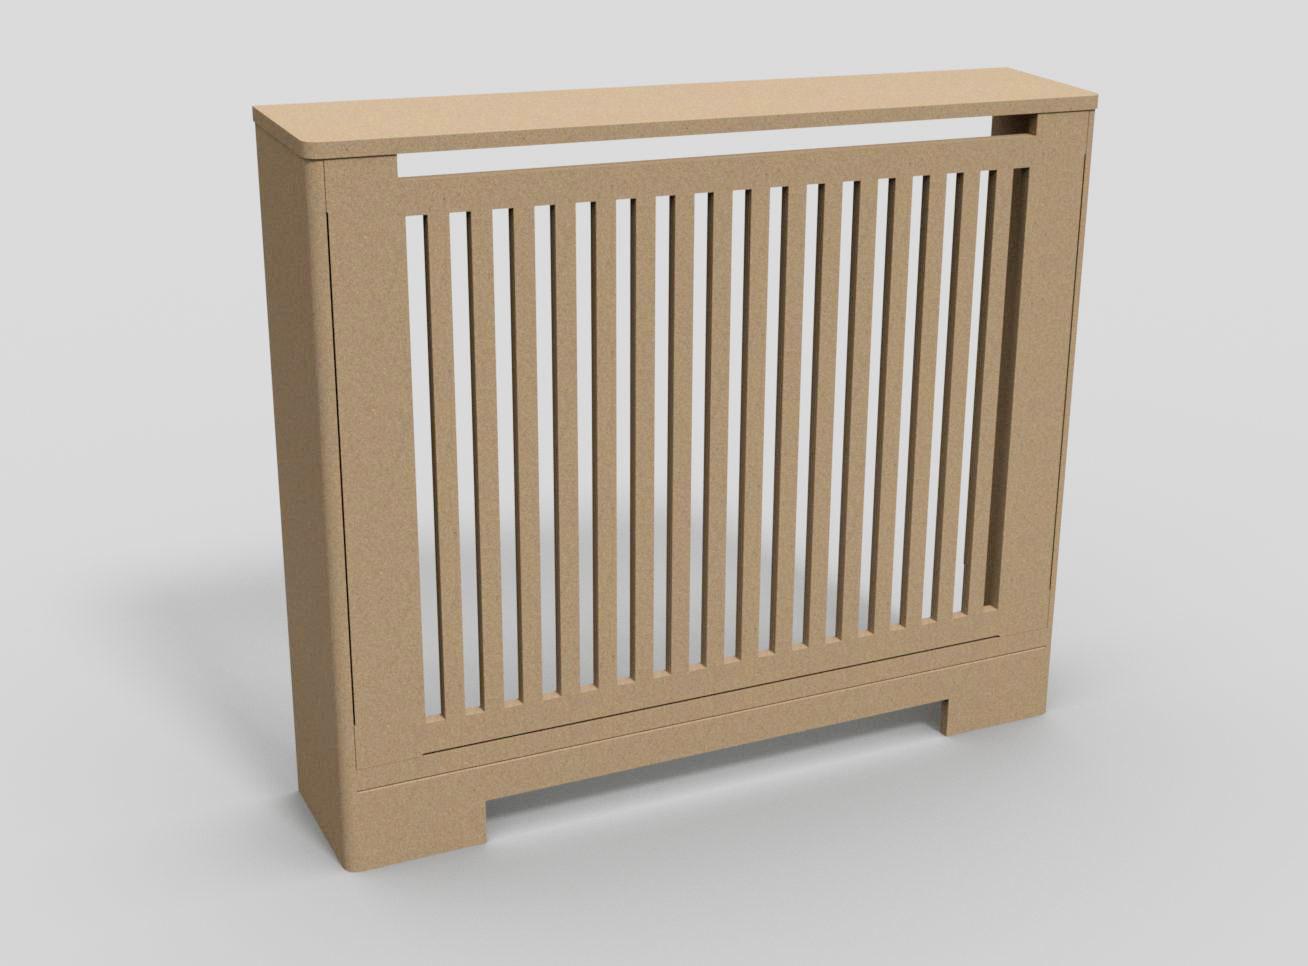 radiator cover C02-MDF